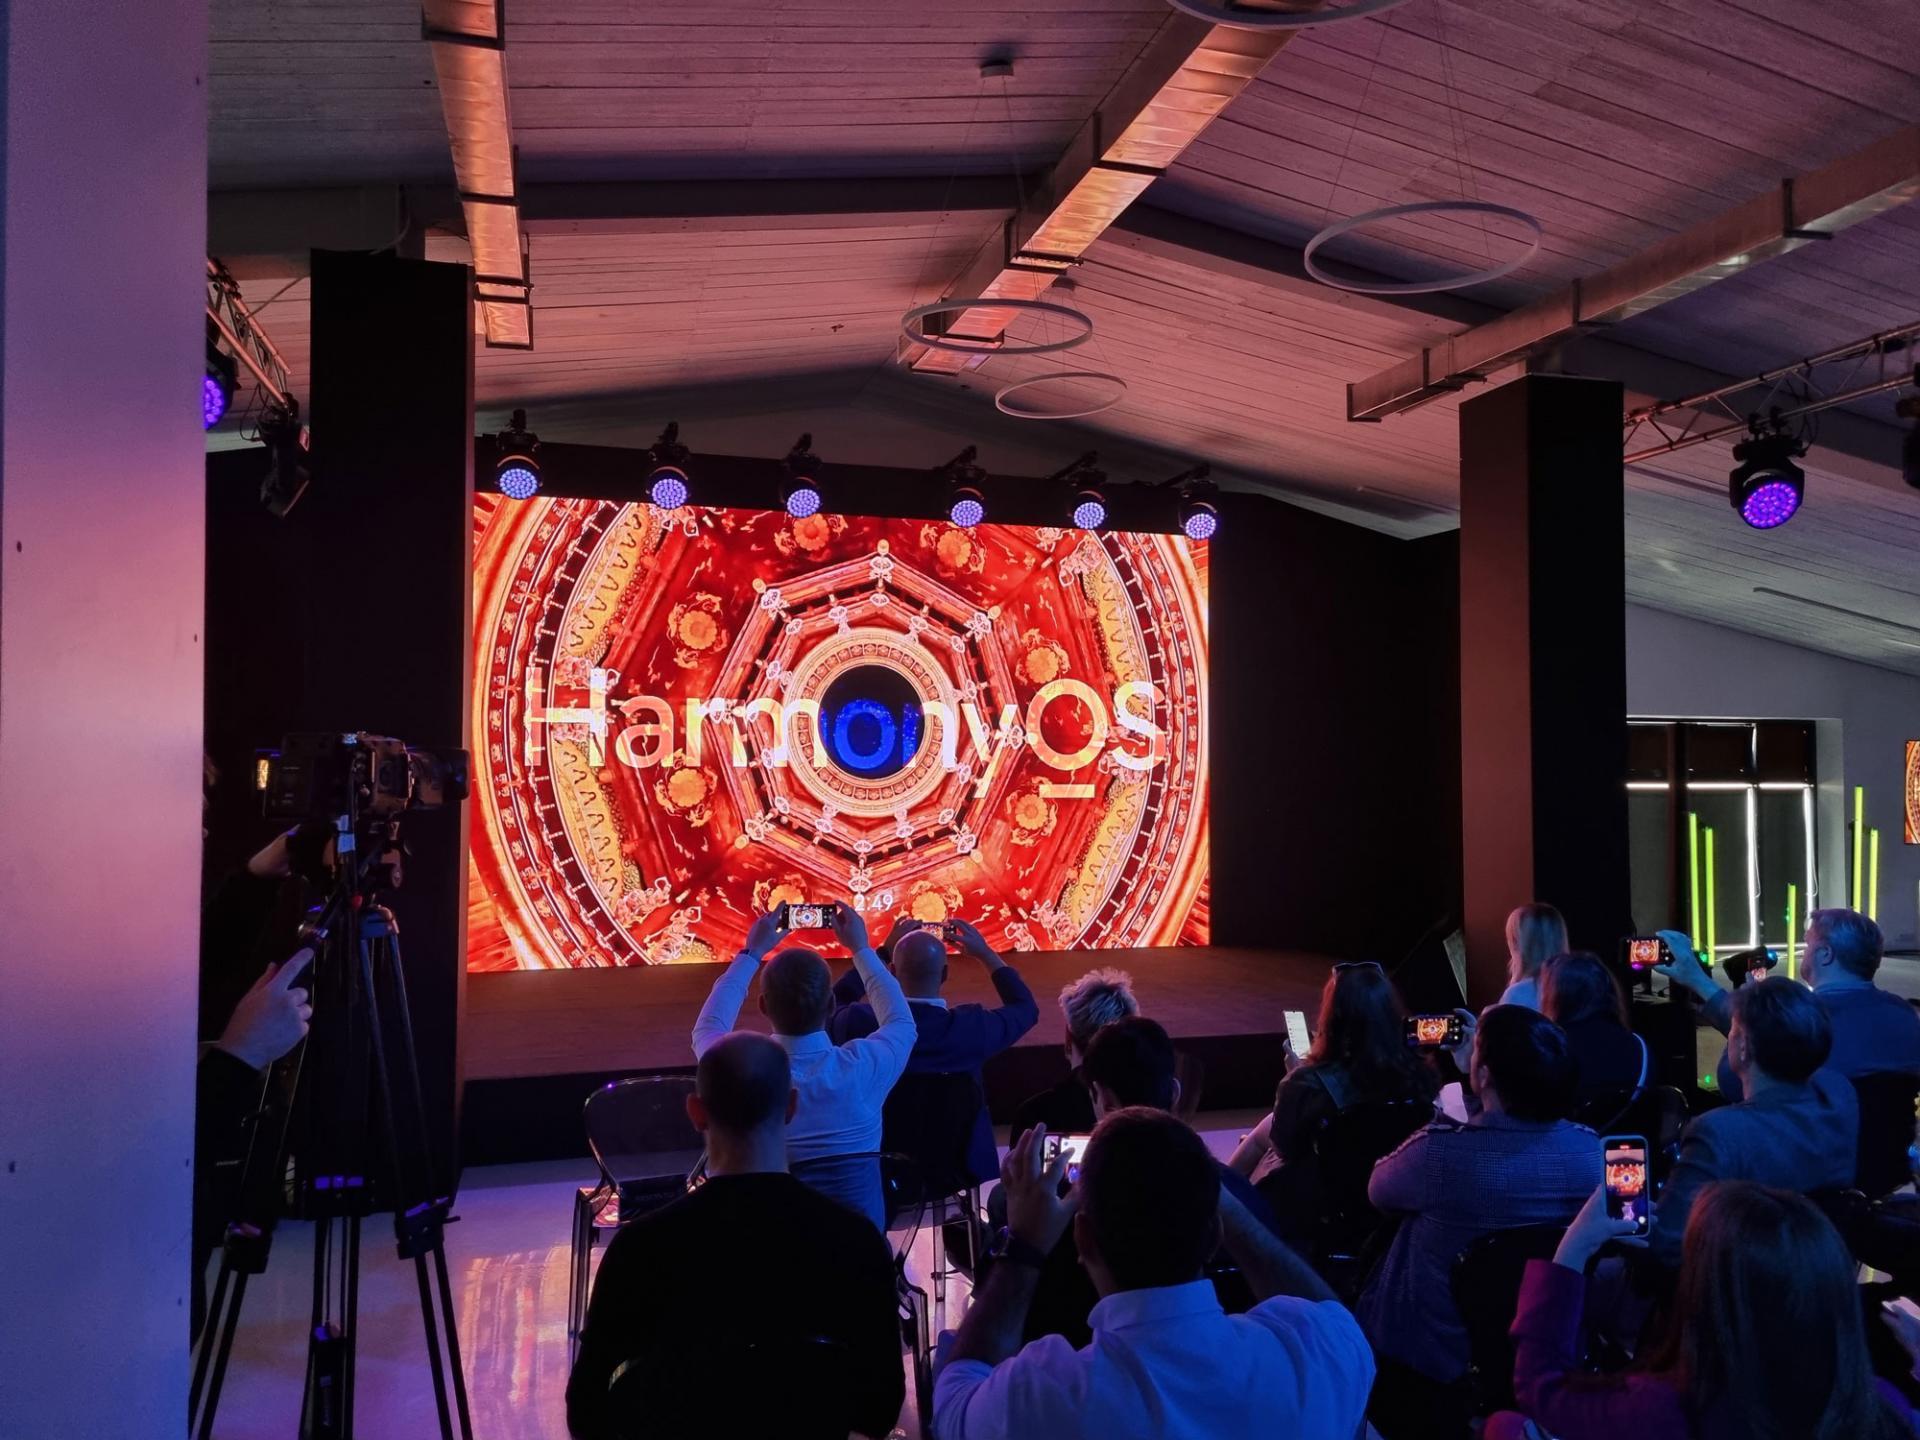 HUAWEI выводит на рынок новую продукцию на базе HUAWEI HarmonyOS 2